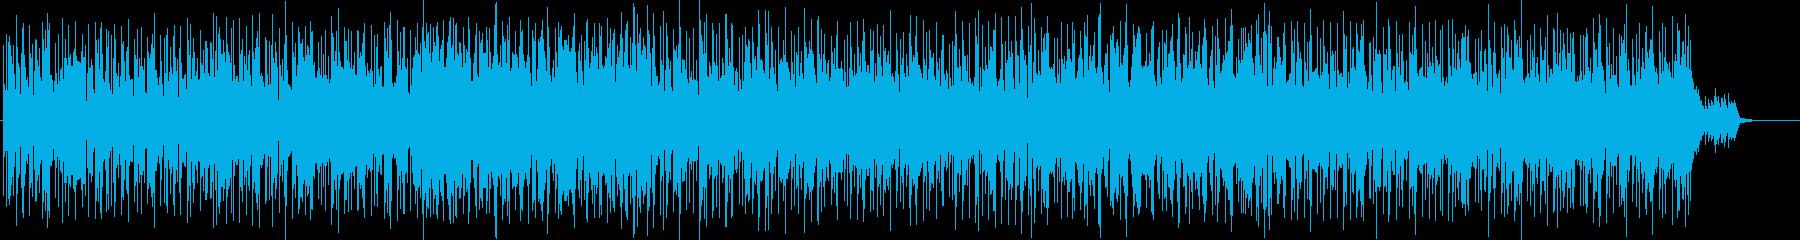 ハイテクノロジー感のあるテクノの再生済みの波形